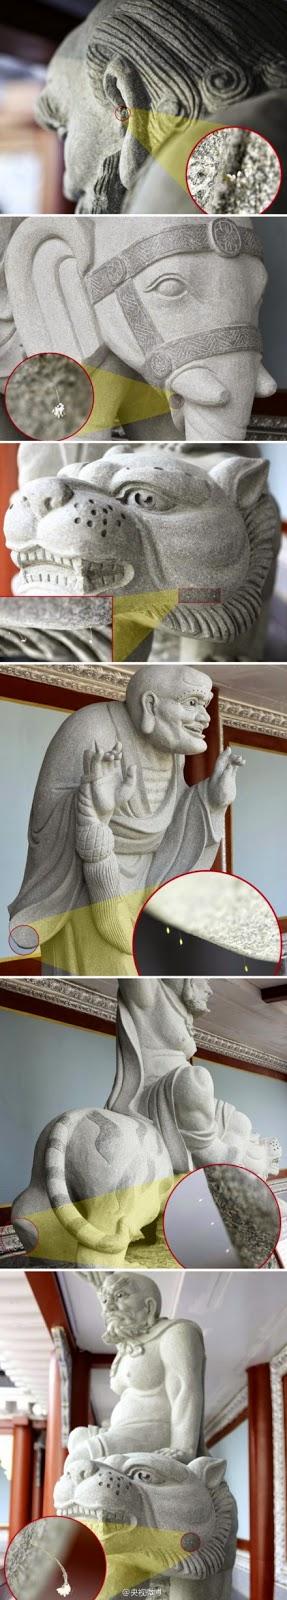 Ngày 20/10/2014, theo tờ Nhật Báo Hàn Quốc đưa tin, tượng 18 vị La Hán với tổng cộng 50 chỗ có hoa Ưu Đàm nở. (Ảnh: Đại Kỷ Nguyên)